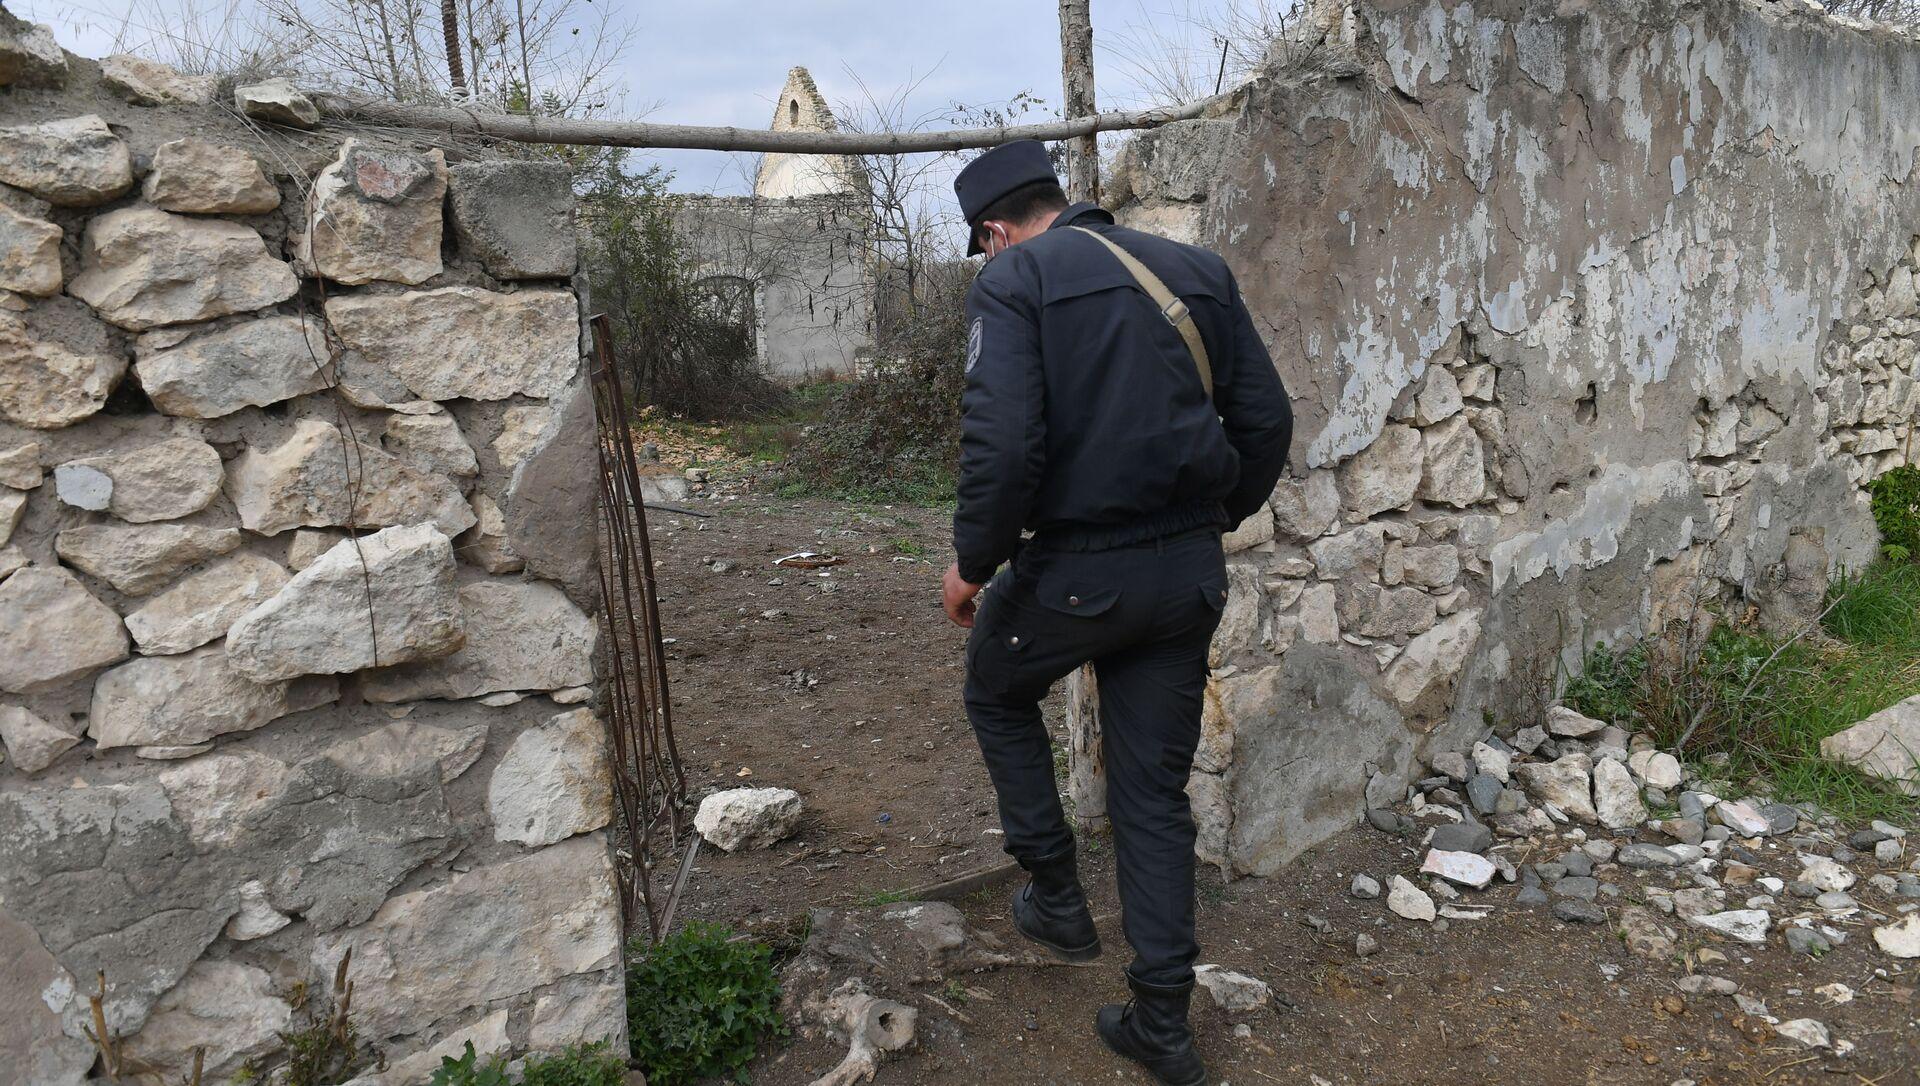 Азербайджанский полицейский у разрушенных домов в Карабахе, фото из архива - Sputnik Азербайджан, 1920, 08.03.2021